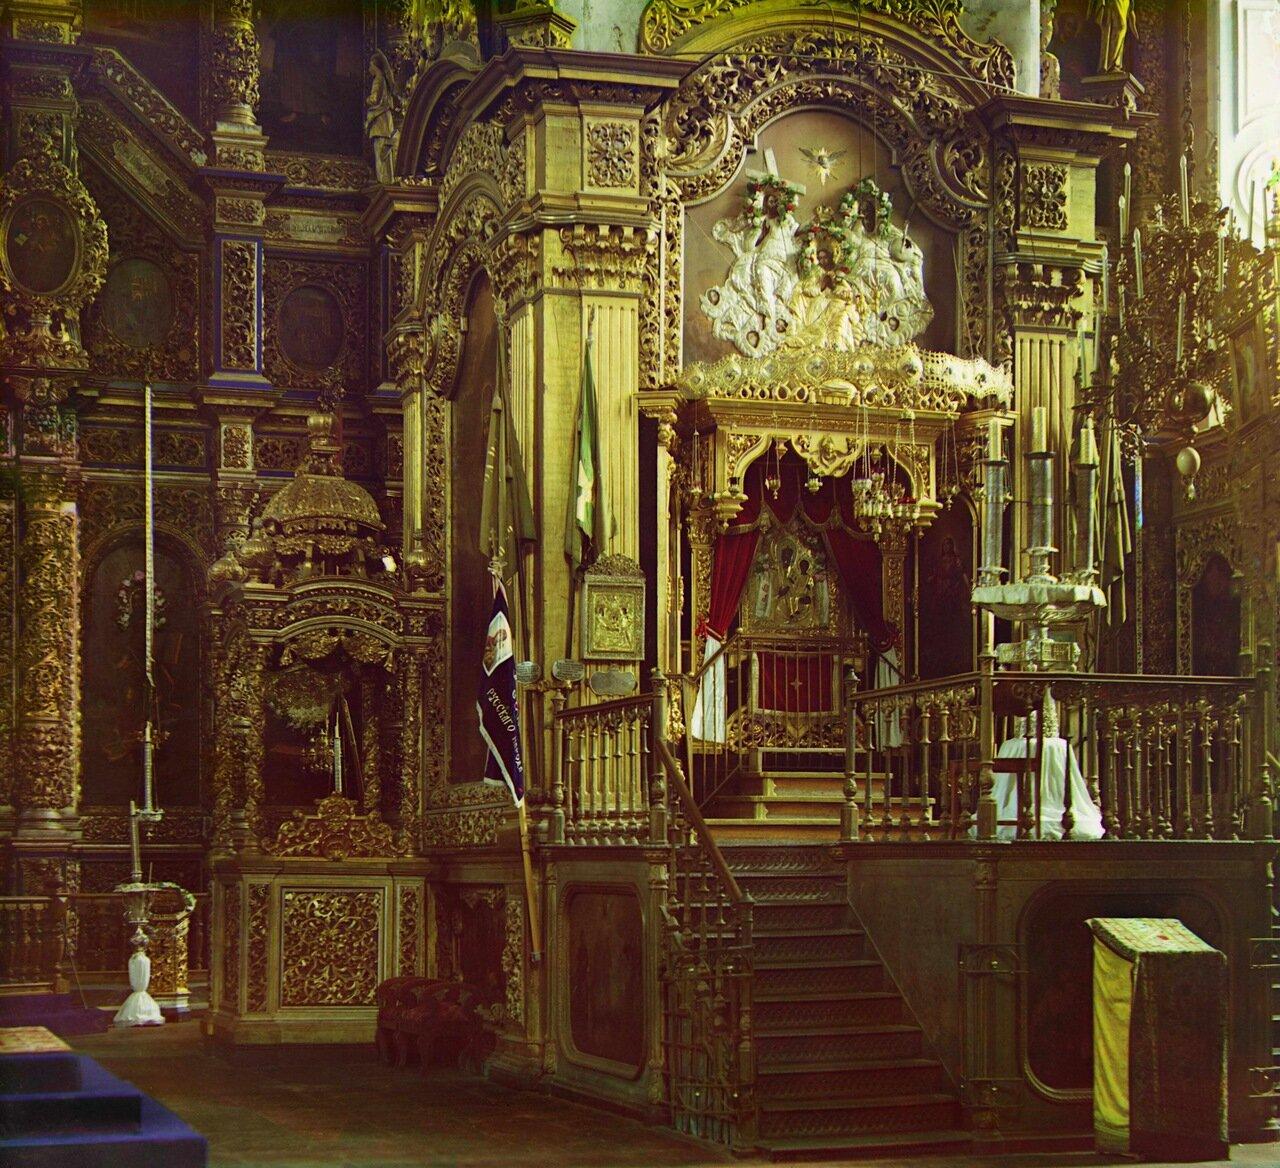 Чудотворная икона Божьей матери Одигитрии в Успенском соборе